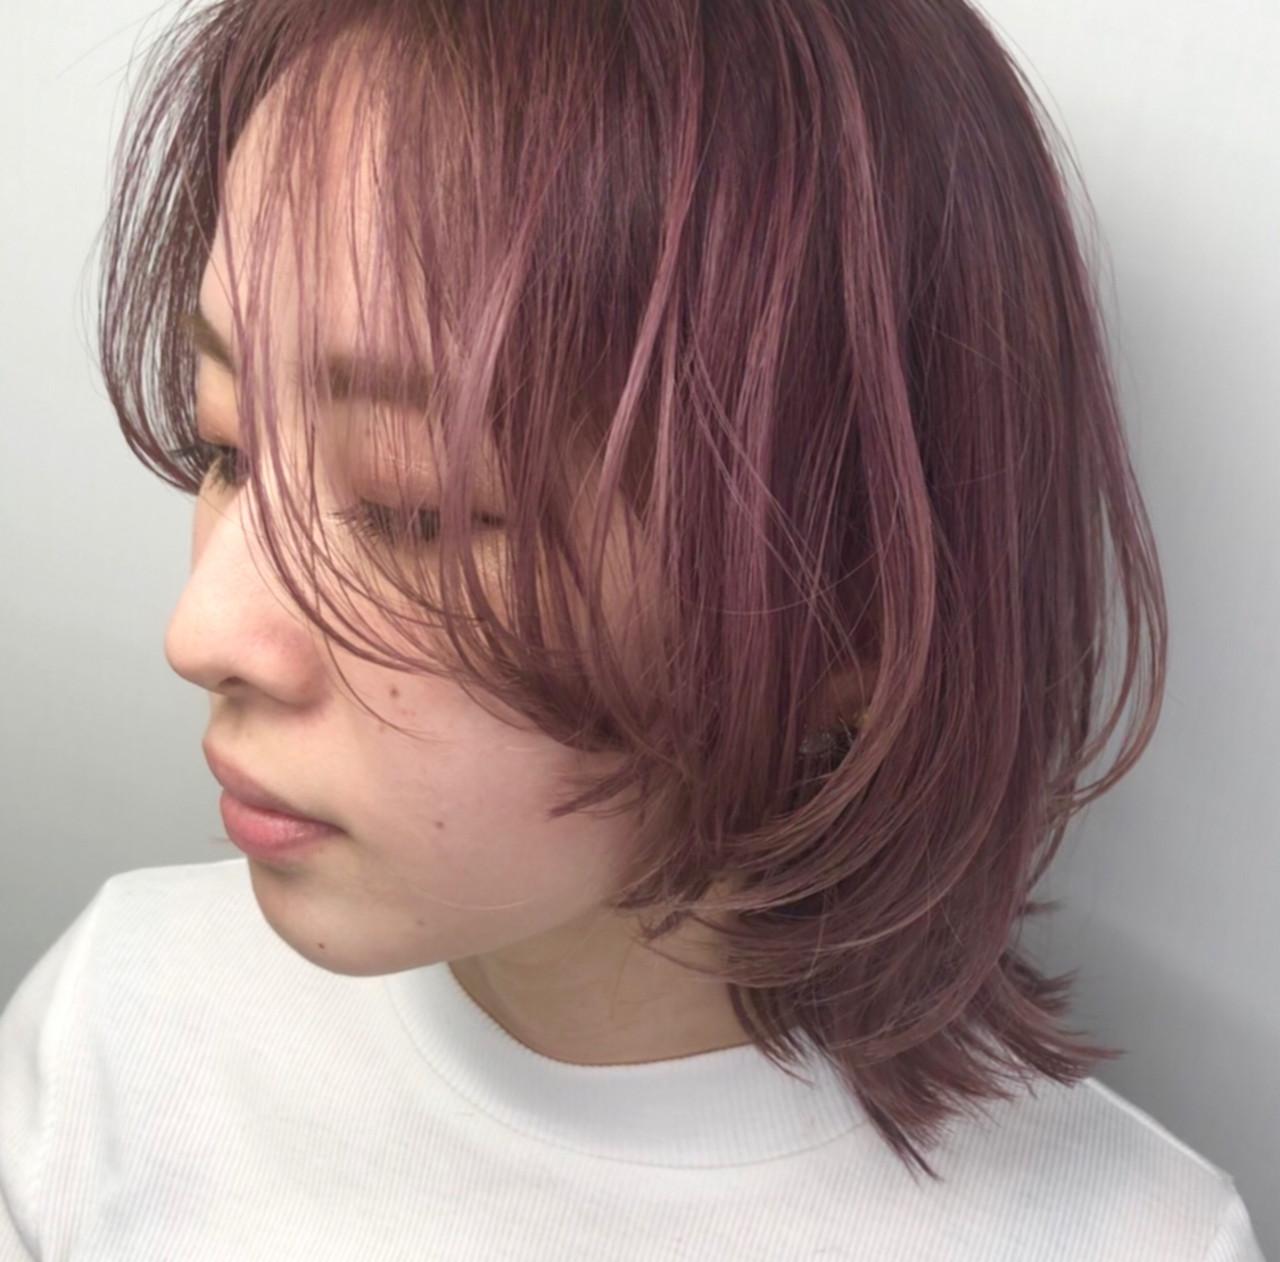 ミディアム ピンクアッシュ ラベンダーピンク ダブルカラー ヘアスタイルや髪型の写真・画像